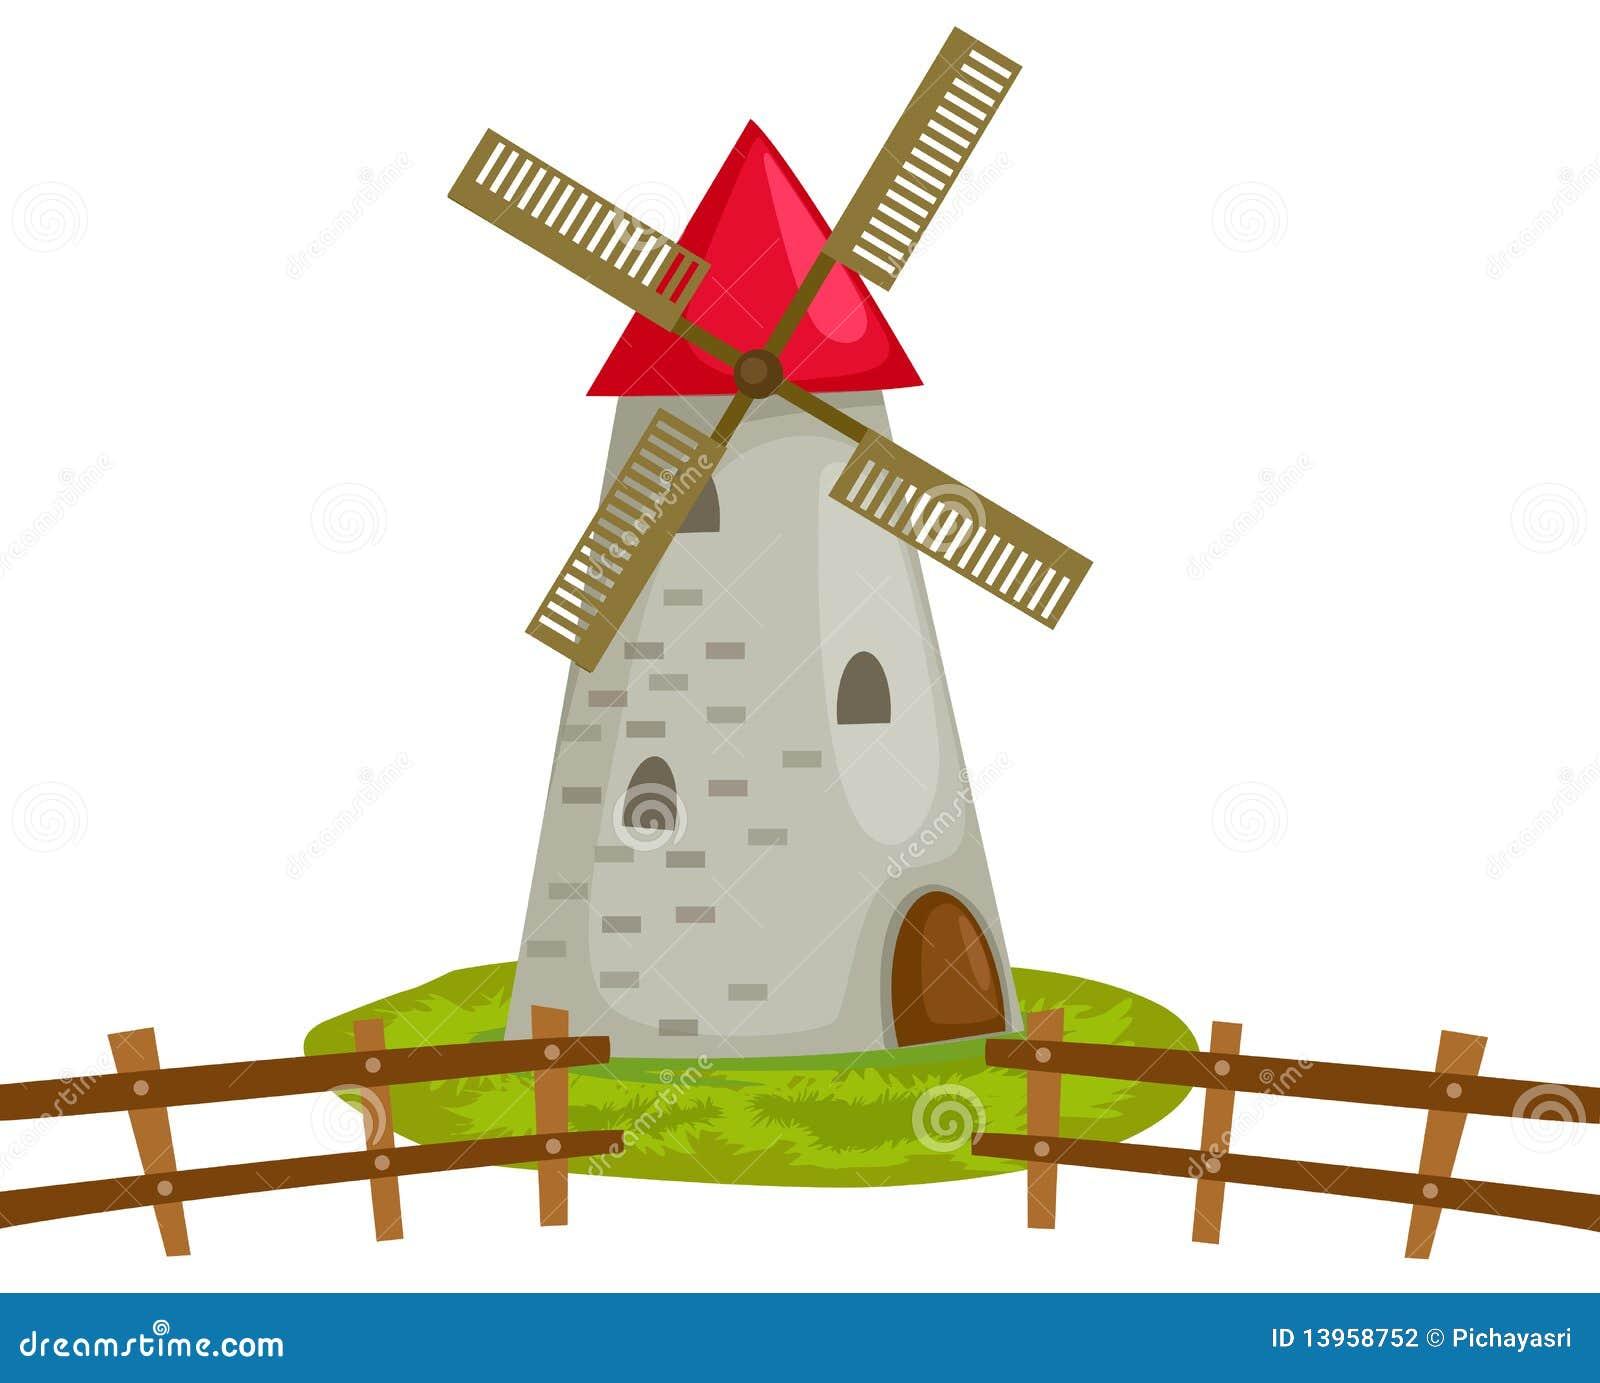 Molino de viento ilustraci n del vector imagen de arte for Piscina molino de viento y sombrilla